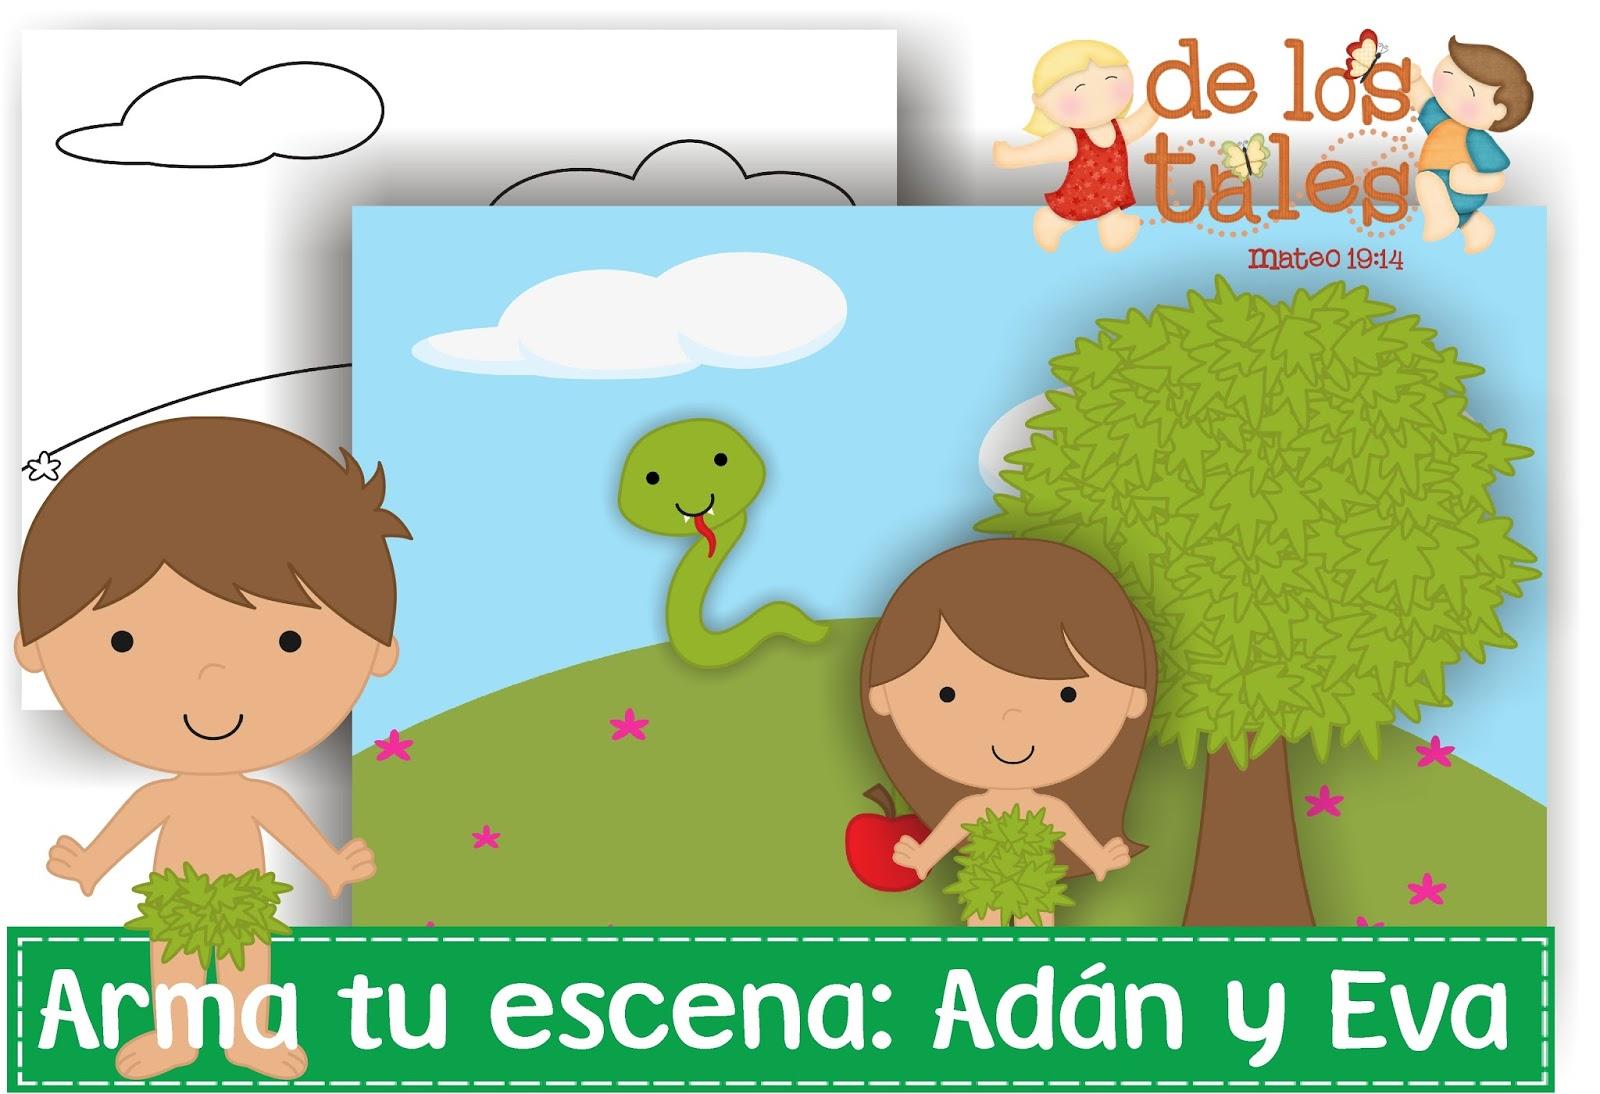 Adán y Eva - De los tales